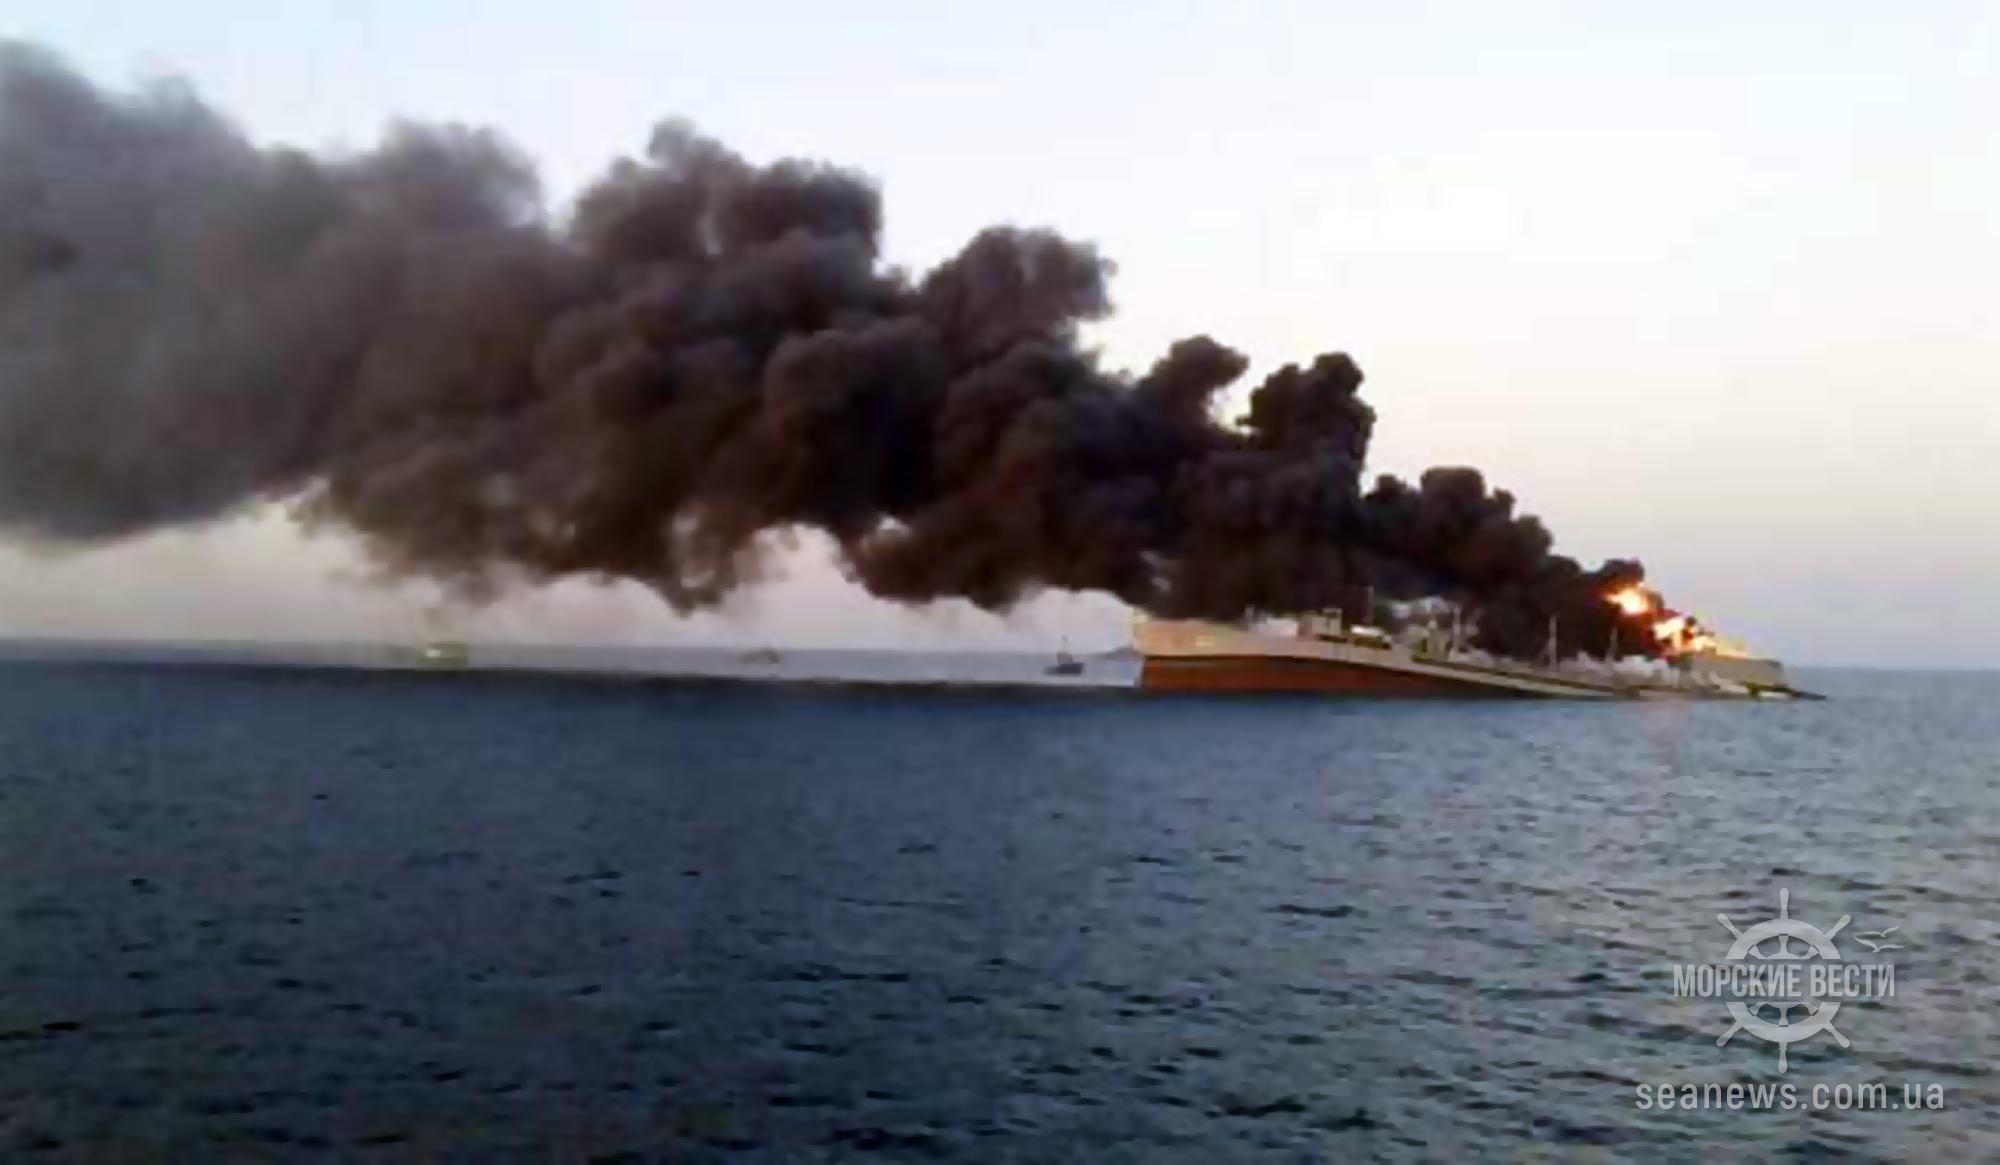 После пожара на борту: самый большой корабль иранского флота все-таки затонул в Оманском заливе